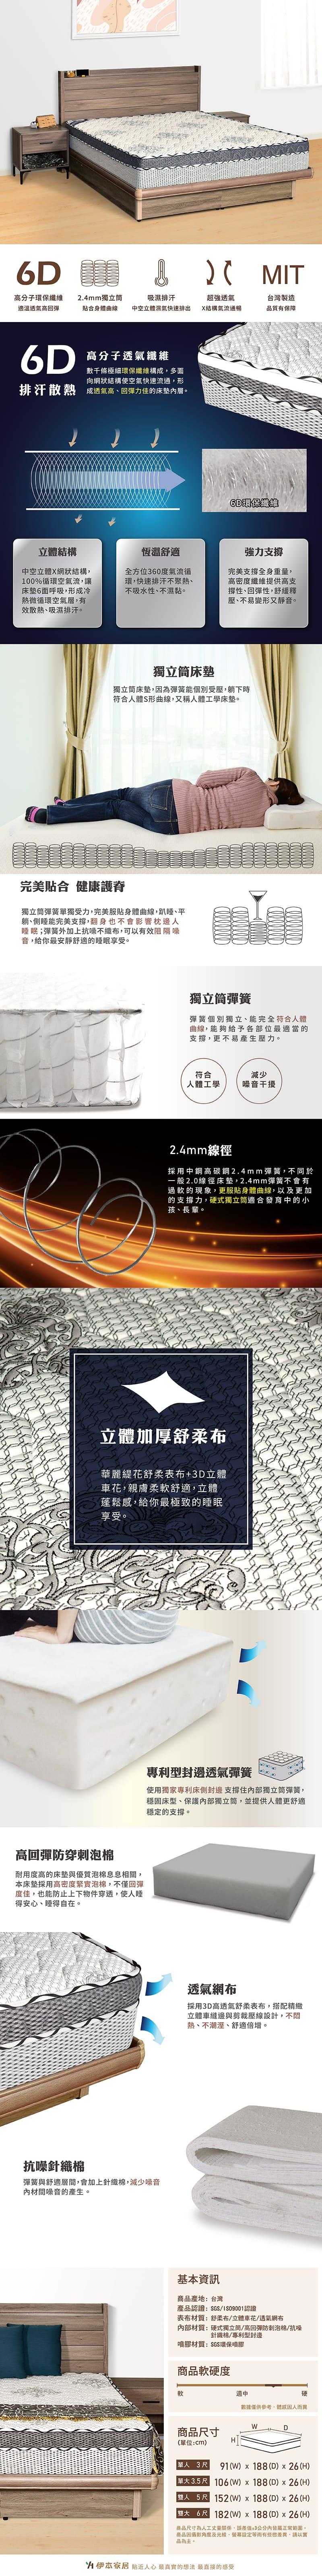 防蹣硬式獨立筒床墊 雙人5尺(金剛系列)